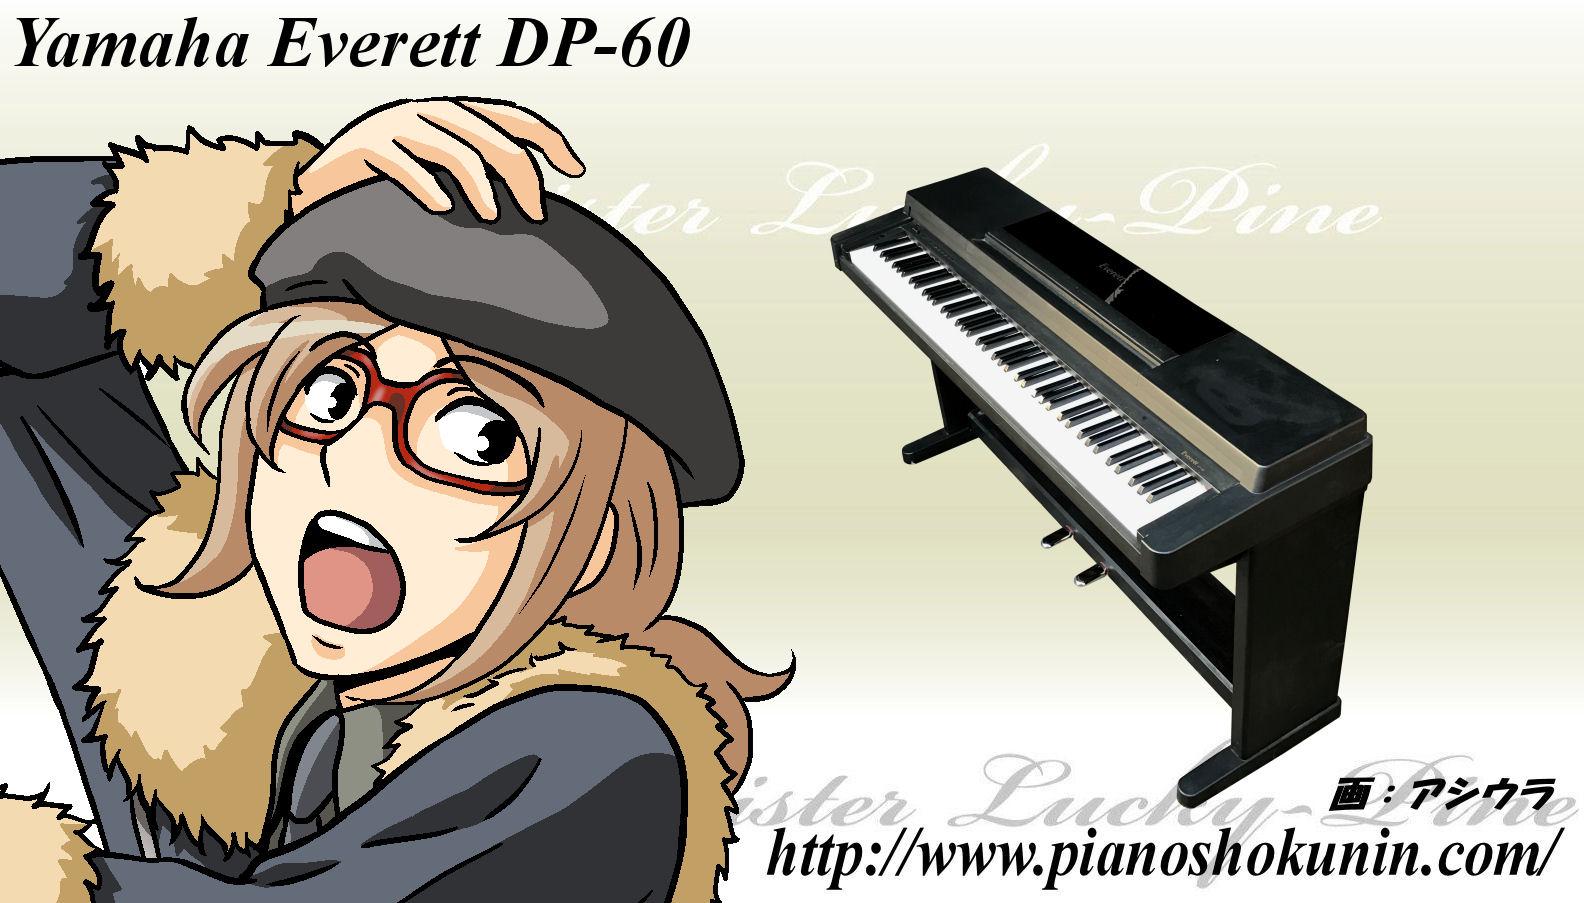 Yamaha DP-60